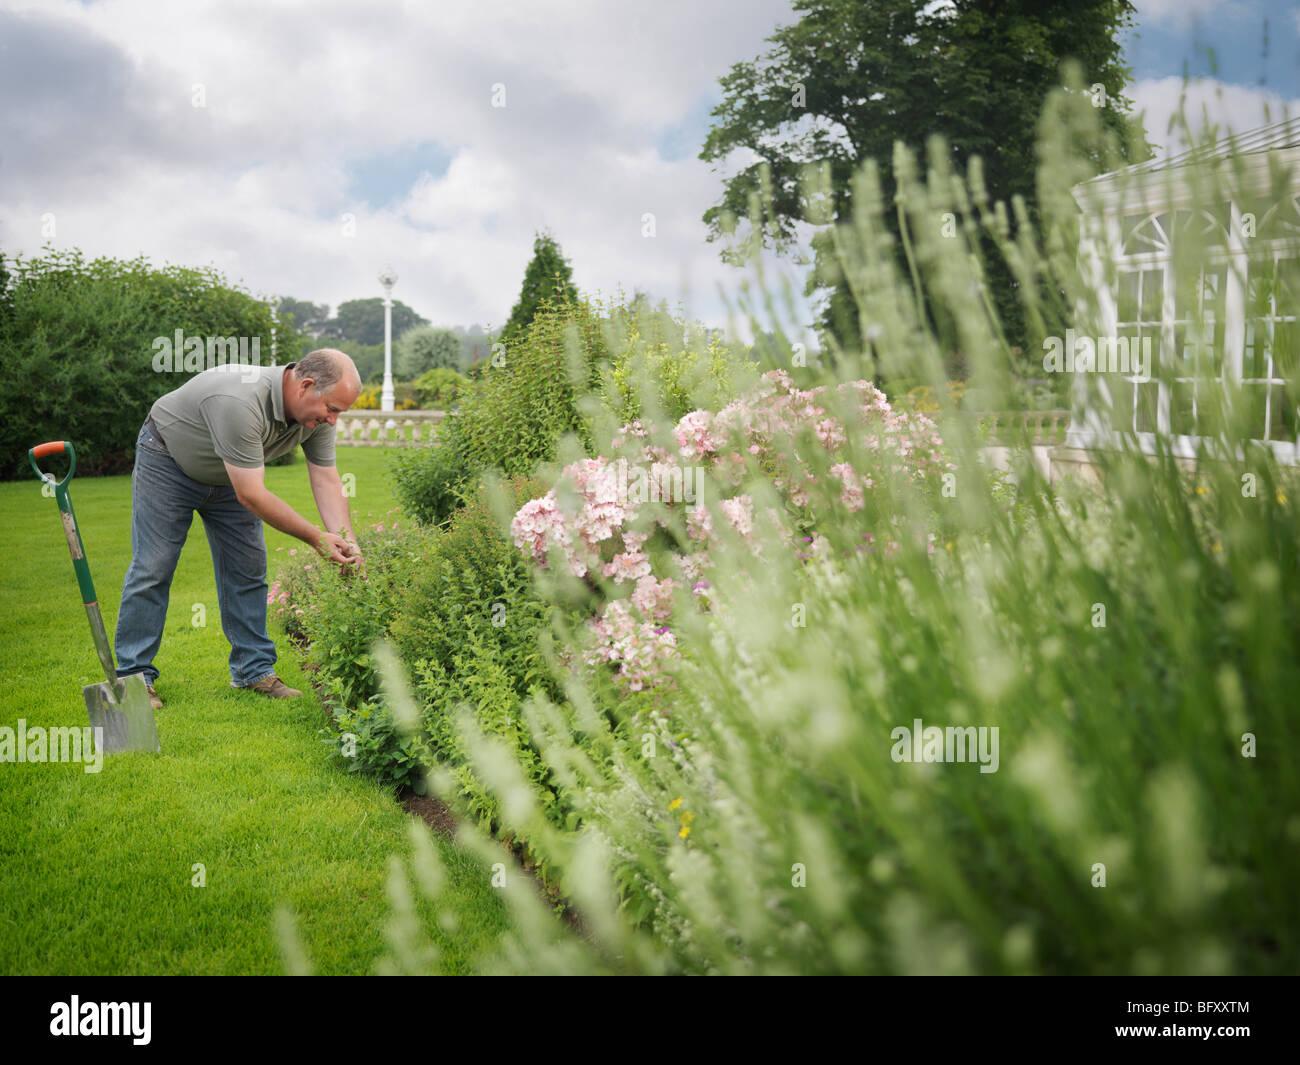 Gardener Tending Border - Stock Image